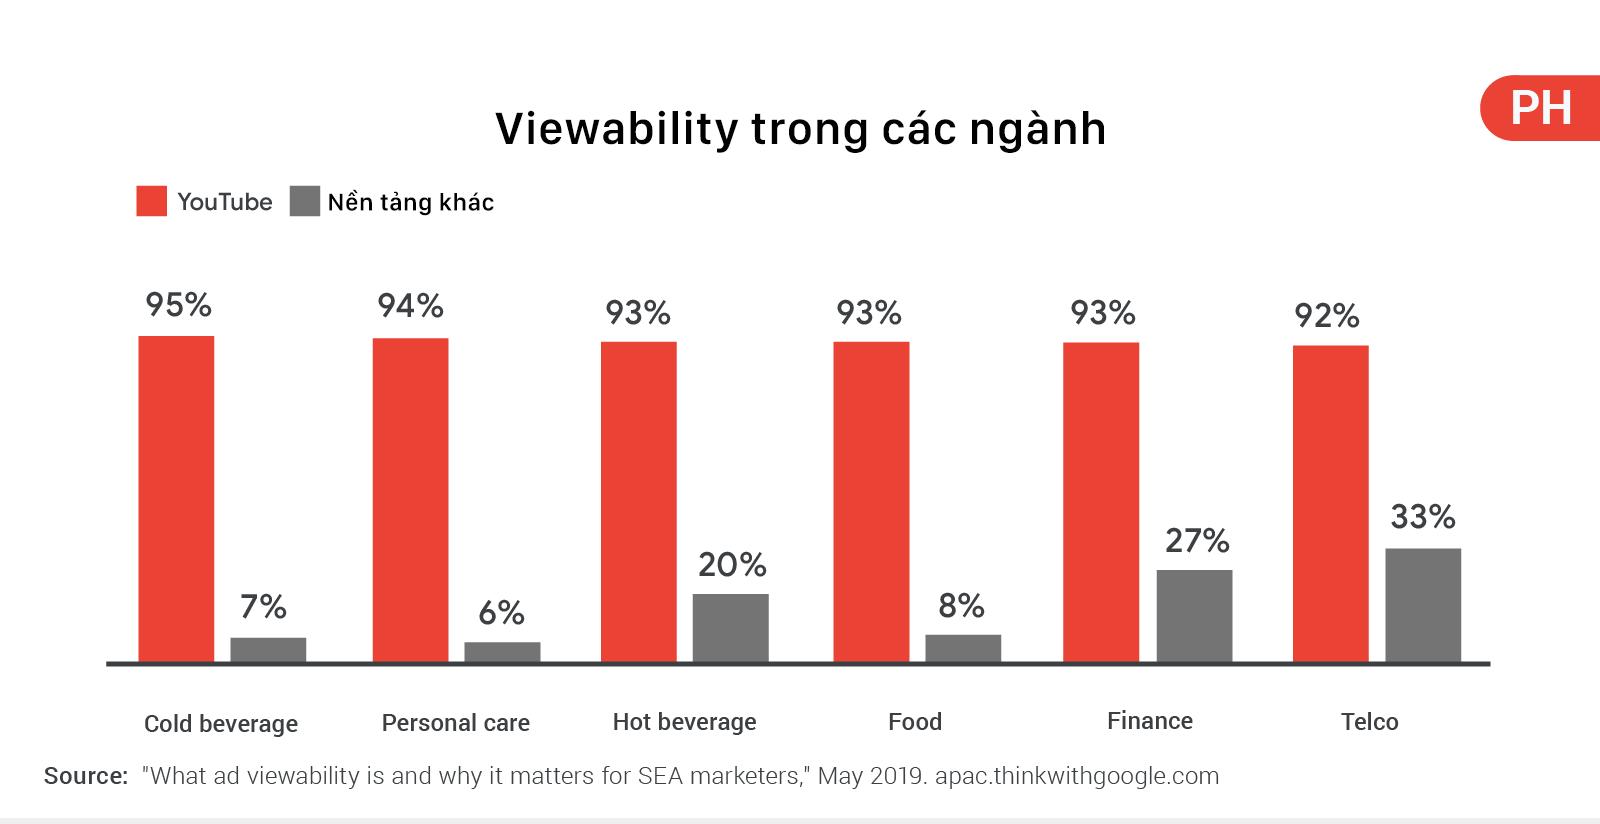 viewability trong các ngành tại PH